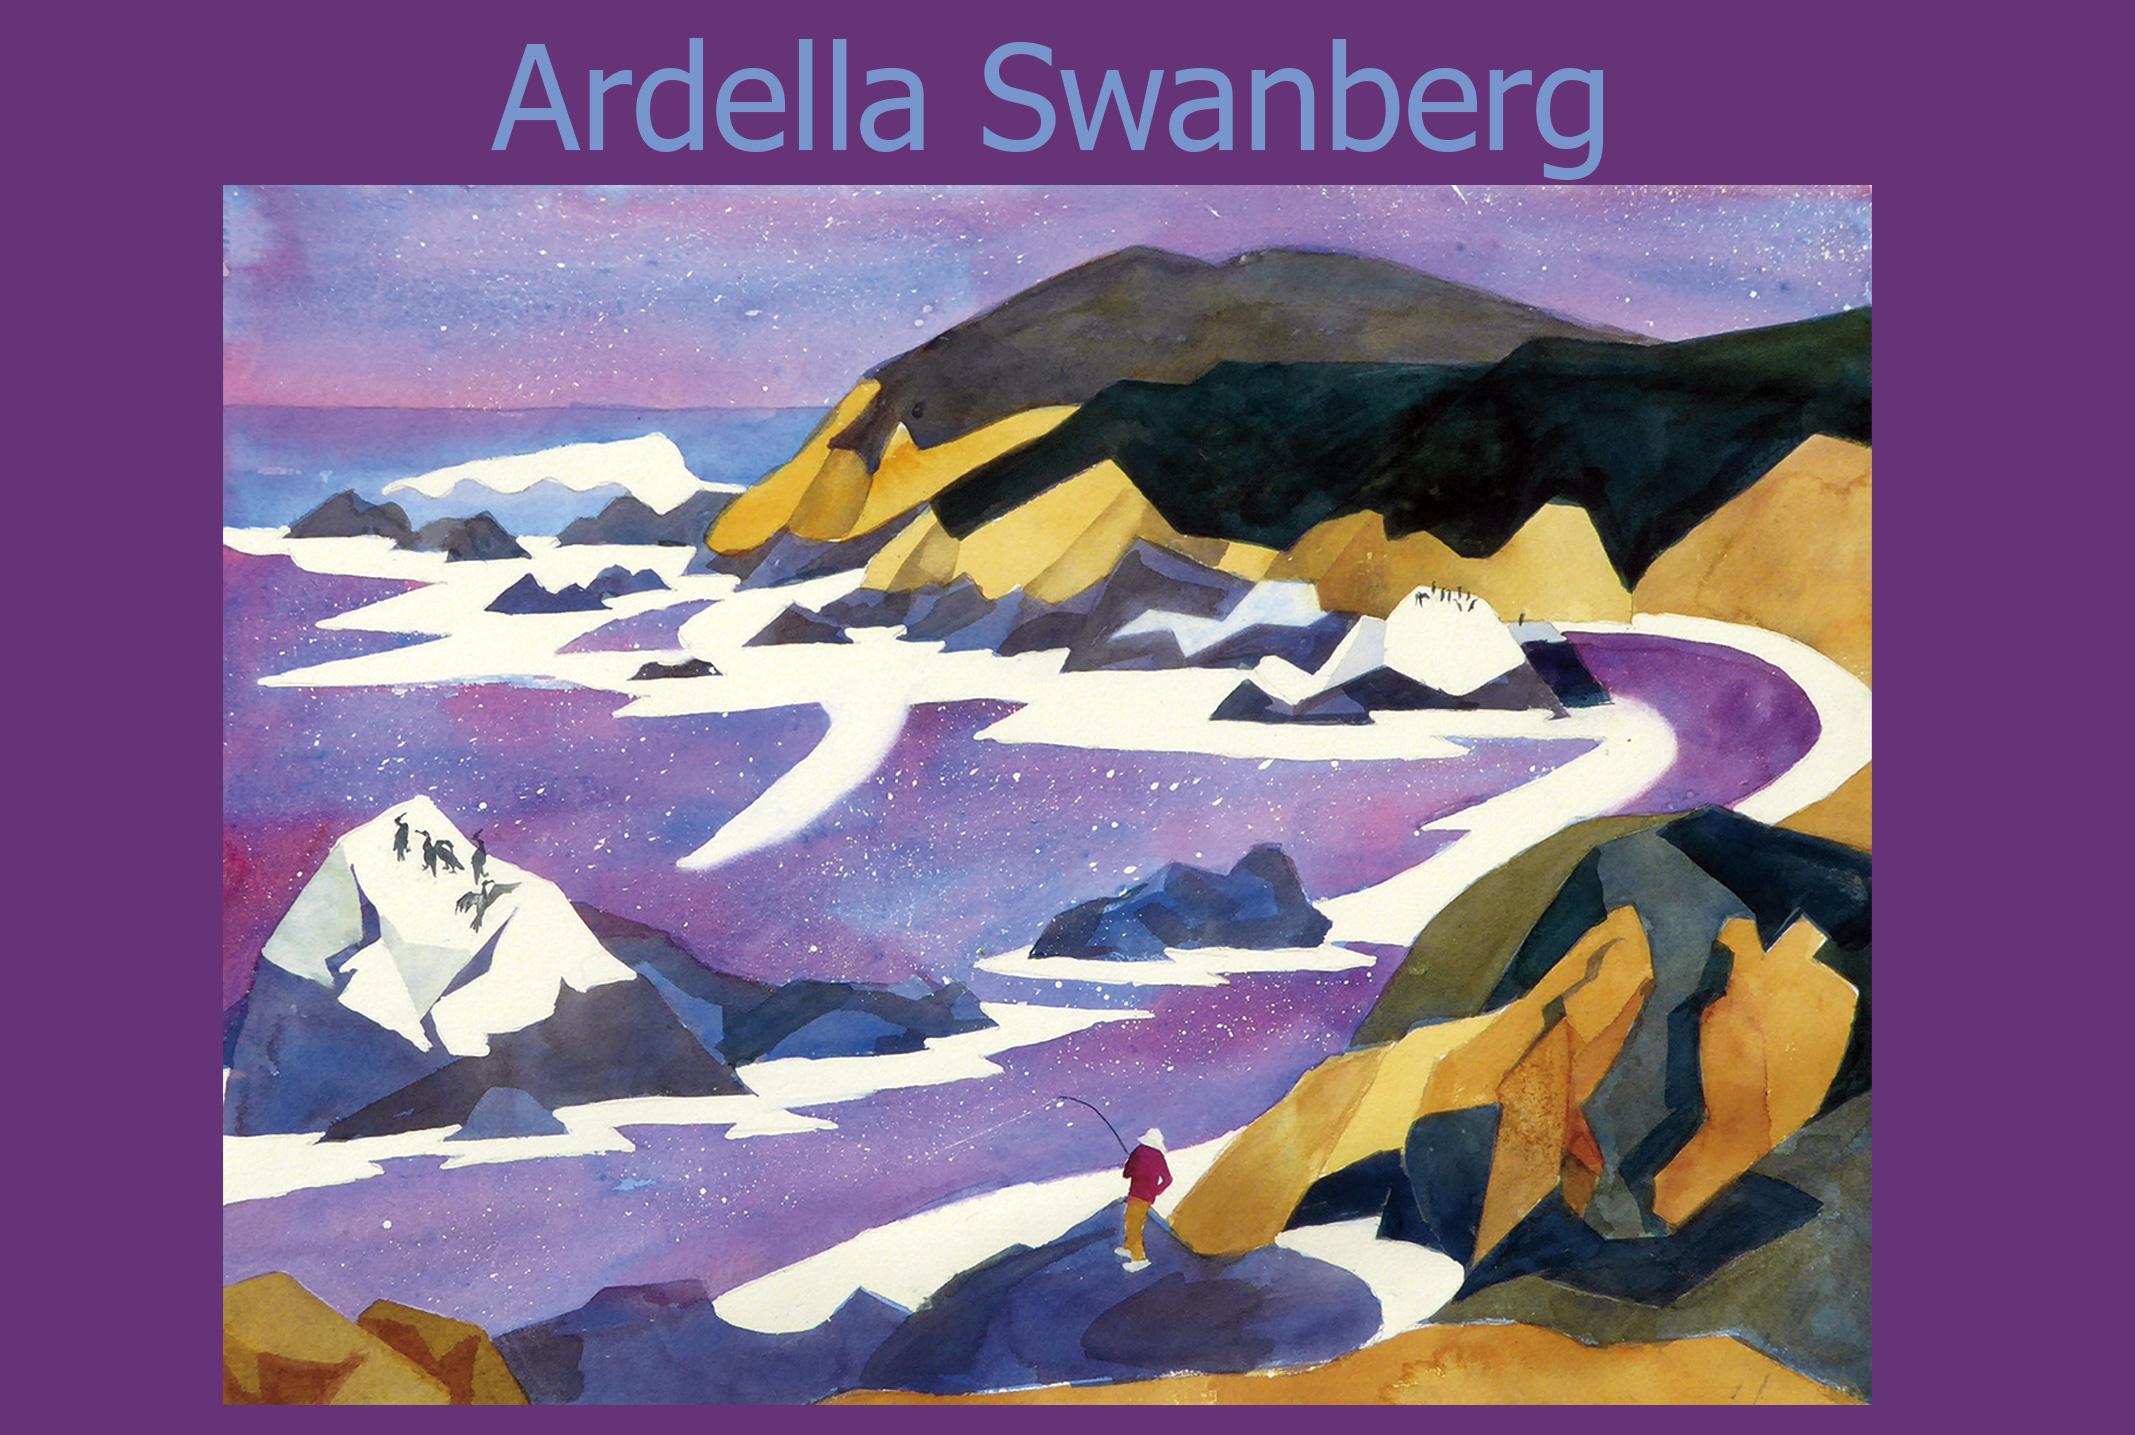 Ardella Swanberg, Featured Artist June 2021